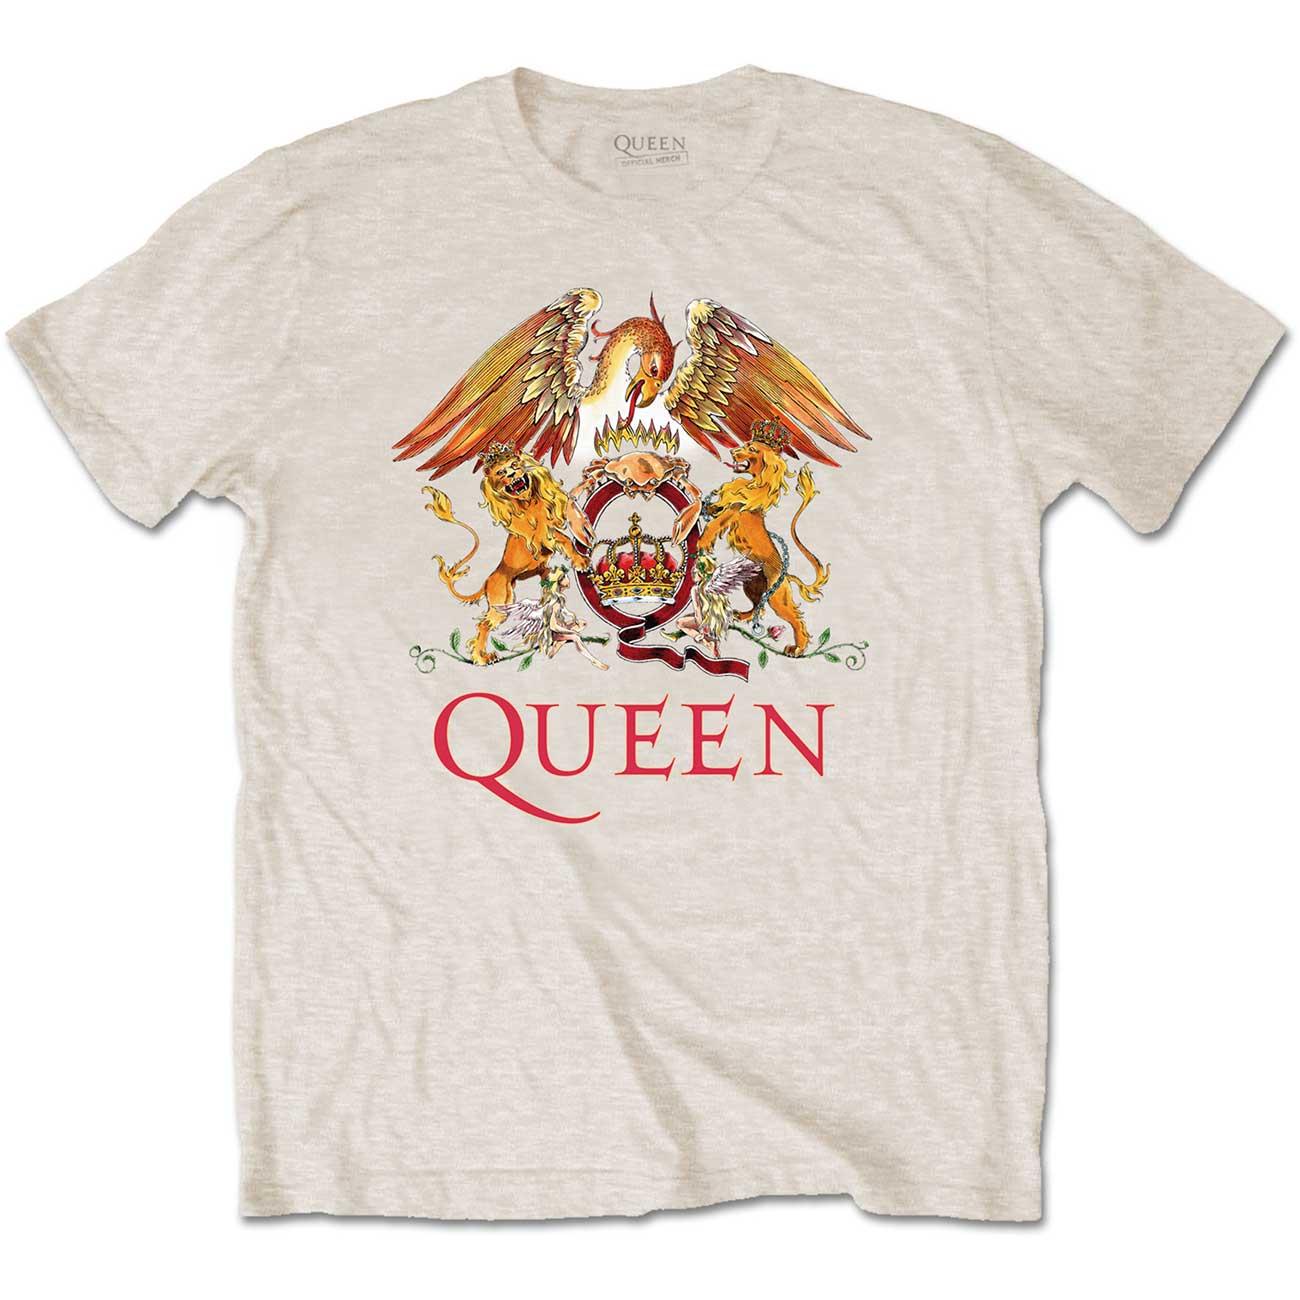 Queen Unisex Tee: Classic Crest - Queen - Merchandise -  - 5056170648103 -